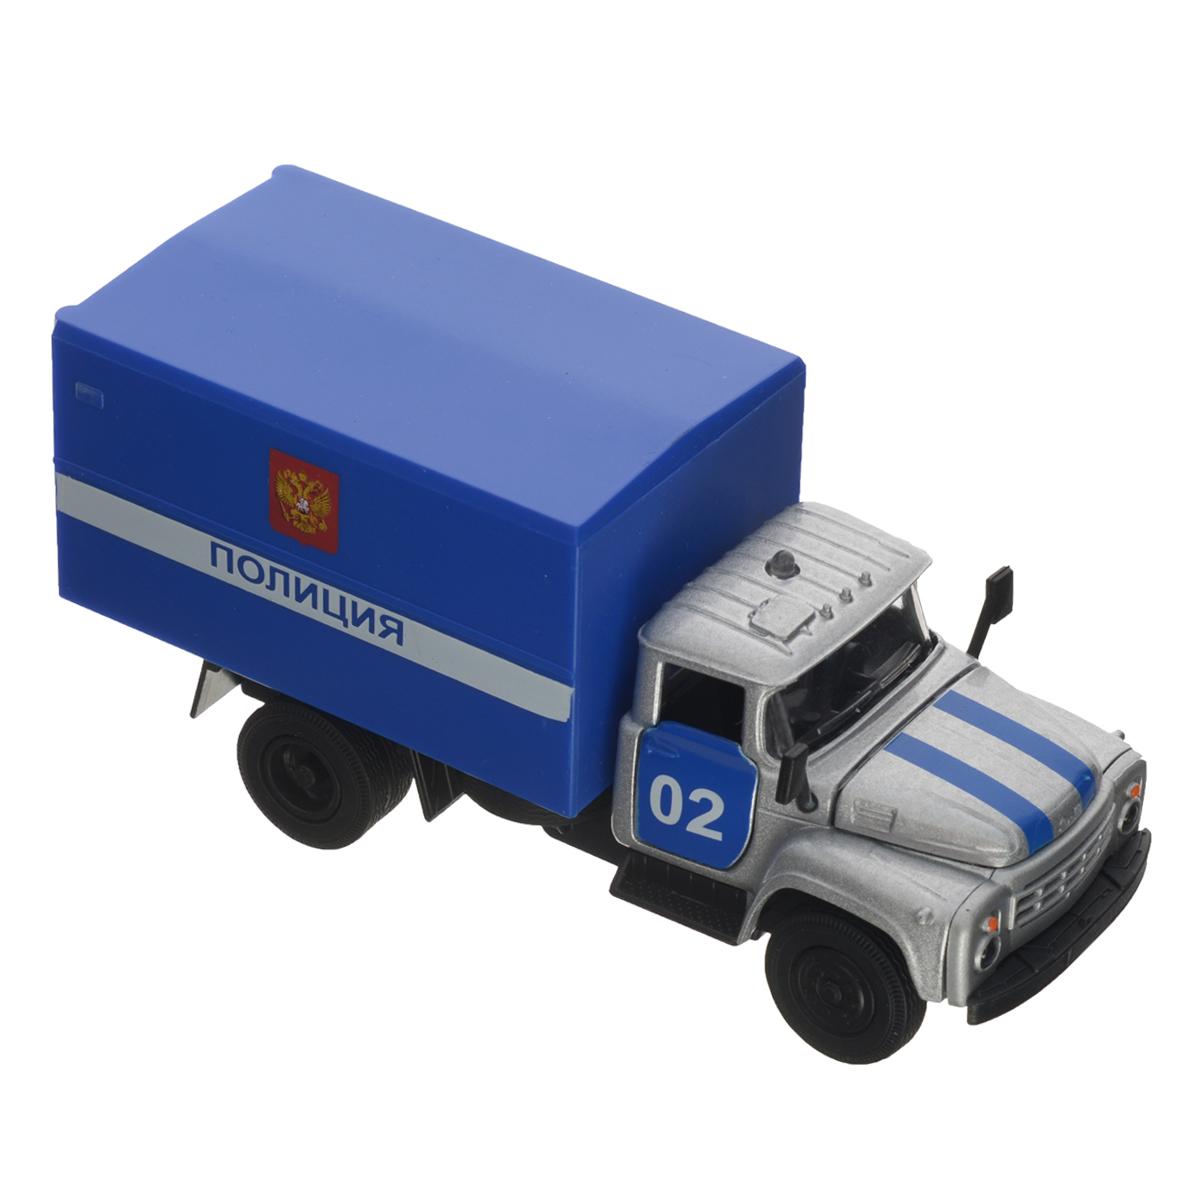 ТехноПарк Машинка инерционная ЗИЛ 130 Полиция цвет серый синийCT10-057-21Инерционная машинка ТехноПарк ЗИЛ 130: Полиция, выполненная из пластика и металла, станет любимой игрушкой вашего малыша. Игрушка представляет собой модель полицейского автомобиля марки ЗИЛ 130. У машинки открывается капот, дверцы кабины и кузова. При нажатии на кнопку на крыше кабины замигают фары, прозвучат звуки сирены и команды диспетчера. Игрушка оснащена инерционным ходом. Машинку необходимо отвести назад, затем отпустить - и она быстро поедет вперед. Прорезиненные колеса обеспечивают надежное сцепление с любой гладкой поверхностью. Ваш ребенок будет часами играть с этой машинкой, придумывая различные истории. Порадуйте его таким замечательным подарком! Машинка работает от батареек (товар комплектуется демонстрационными).